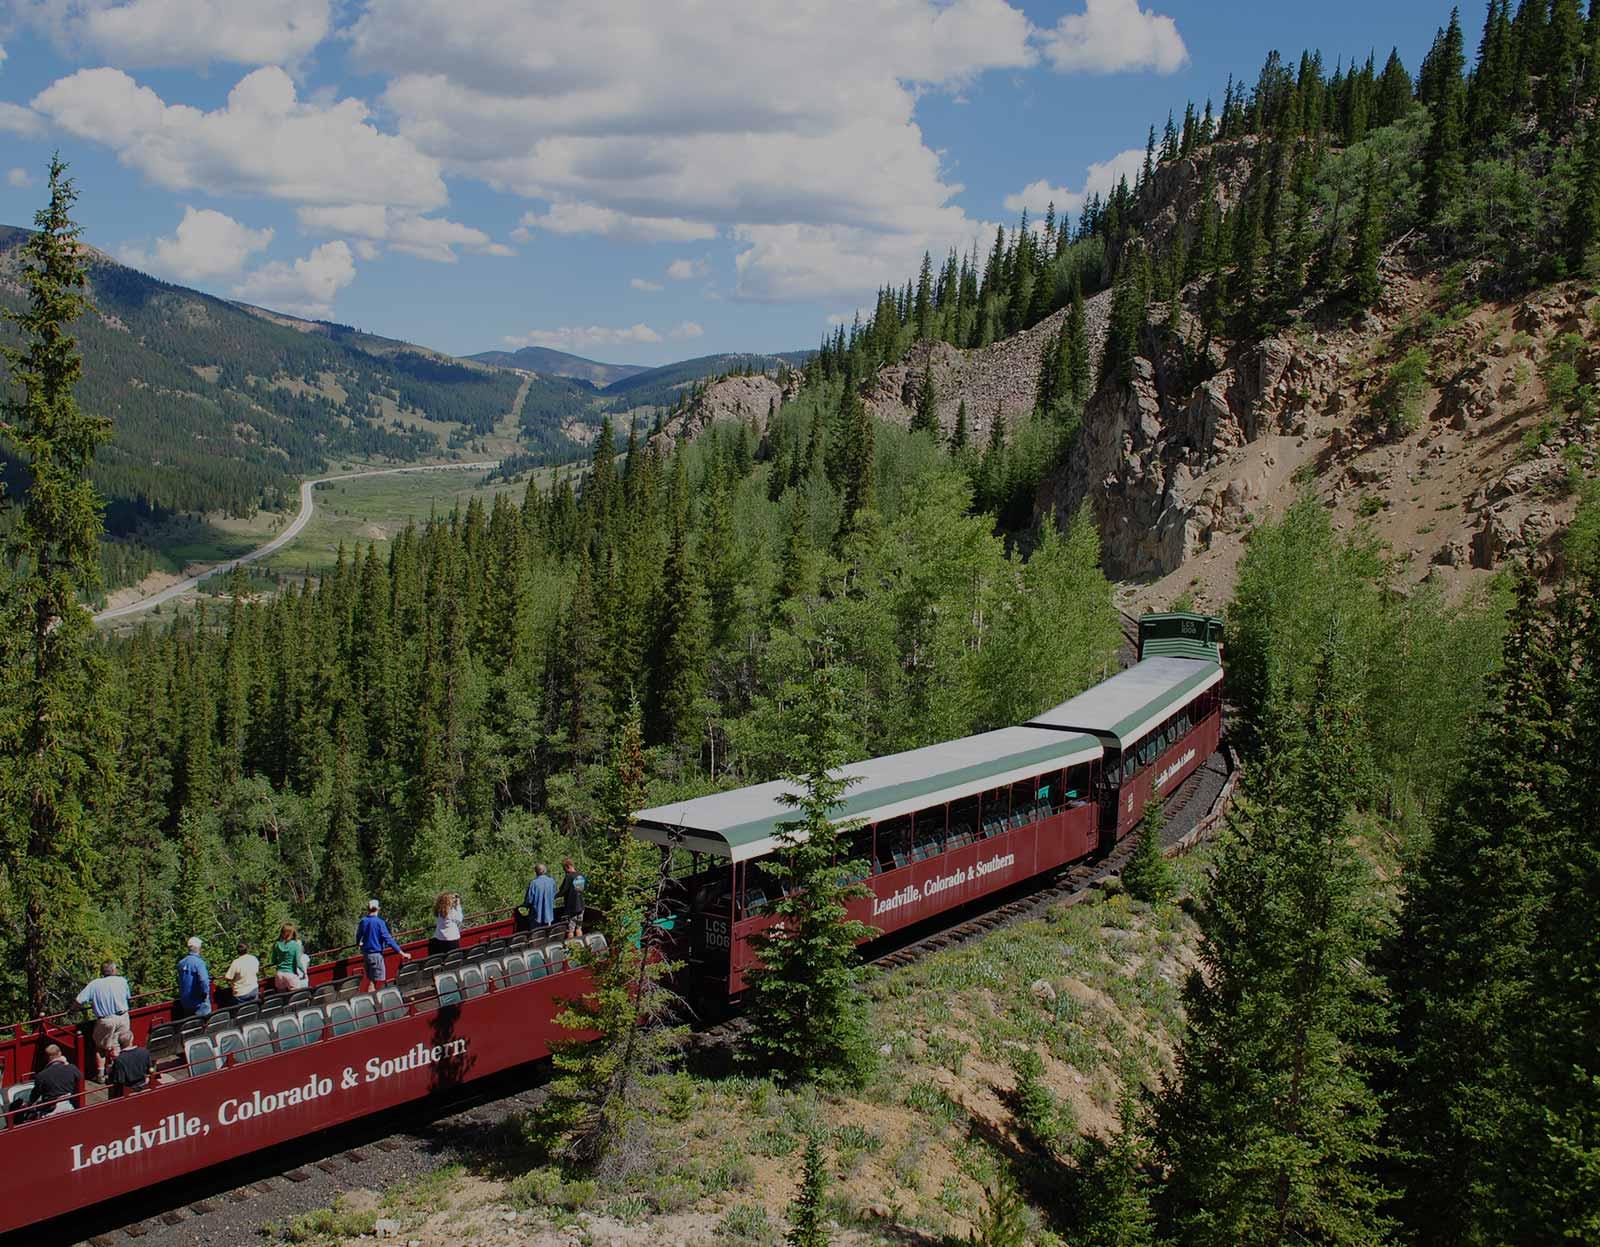 header   Leadville, Colorado & Southern Railroad: Scenic